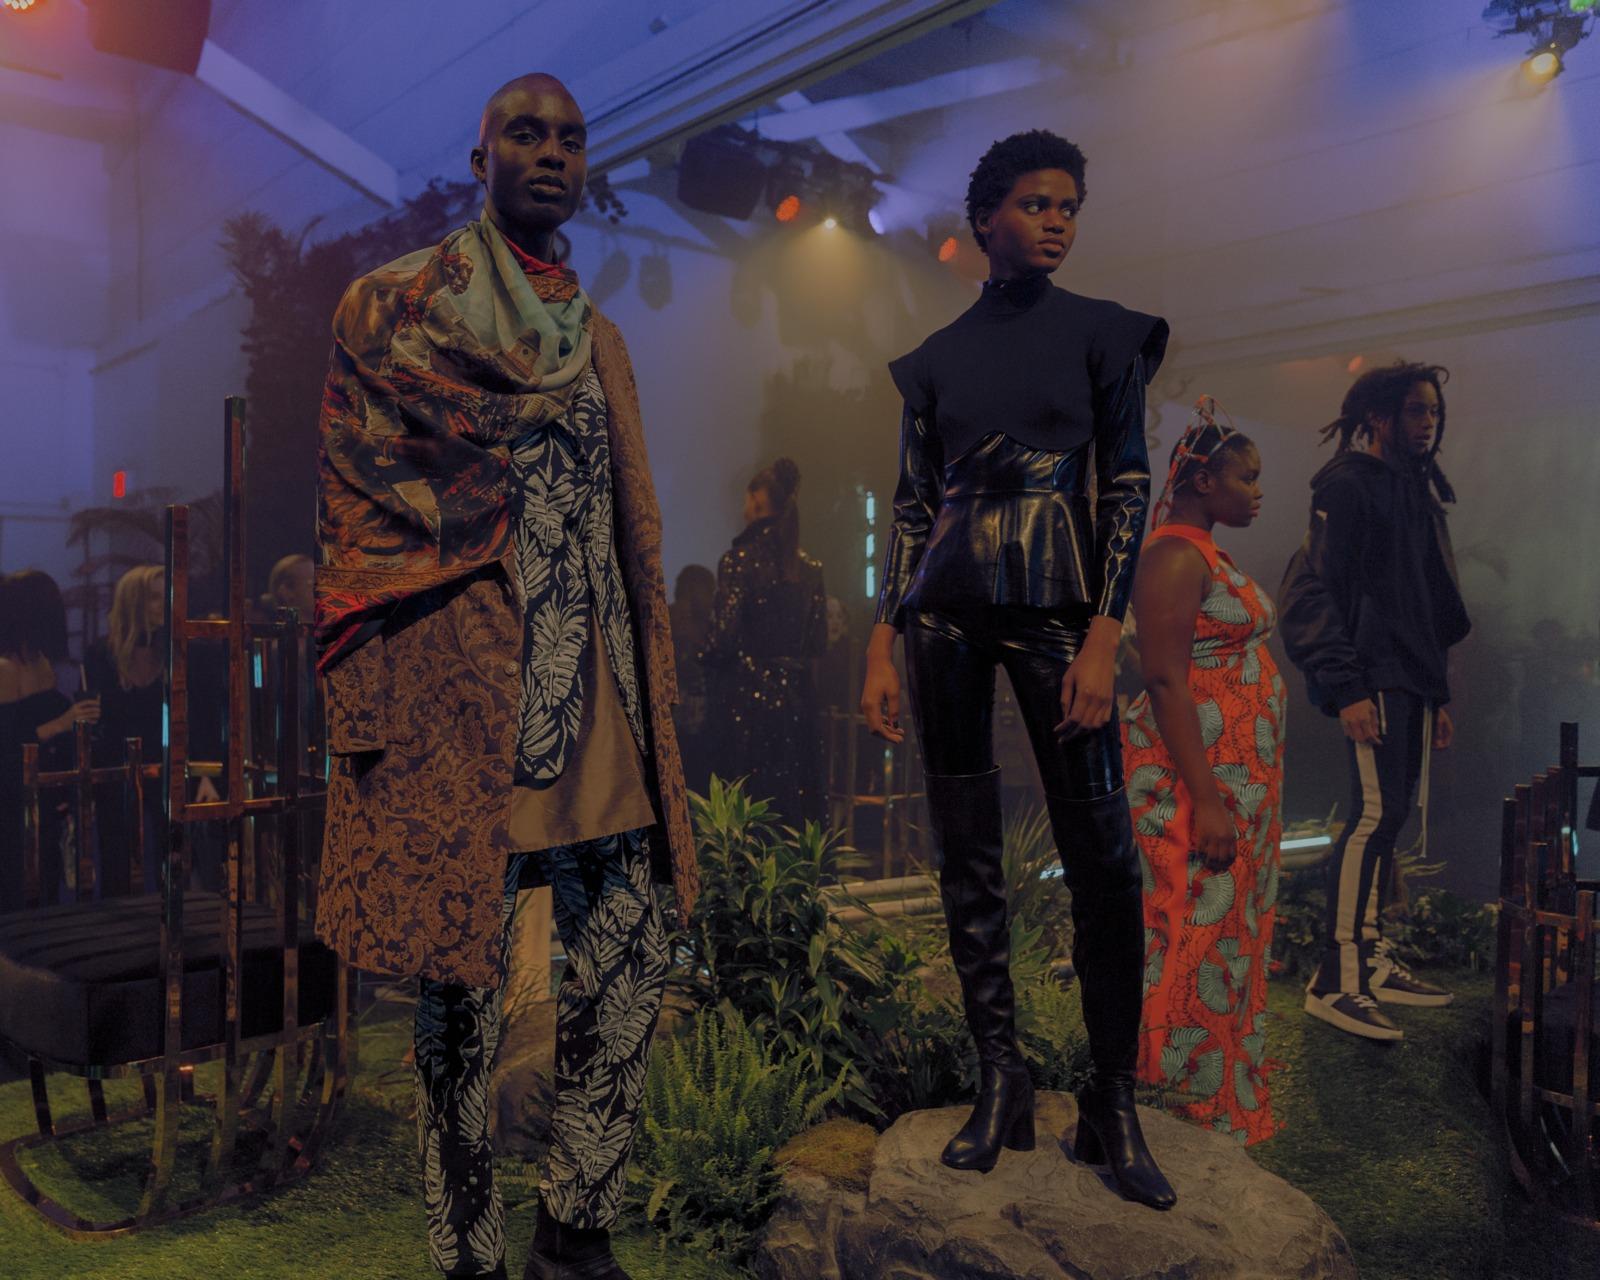 черная пантера показ на неделе моды ваканда